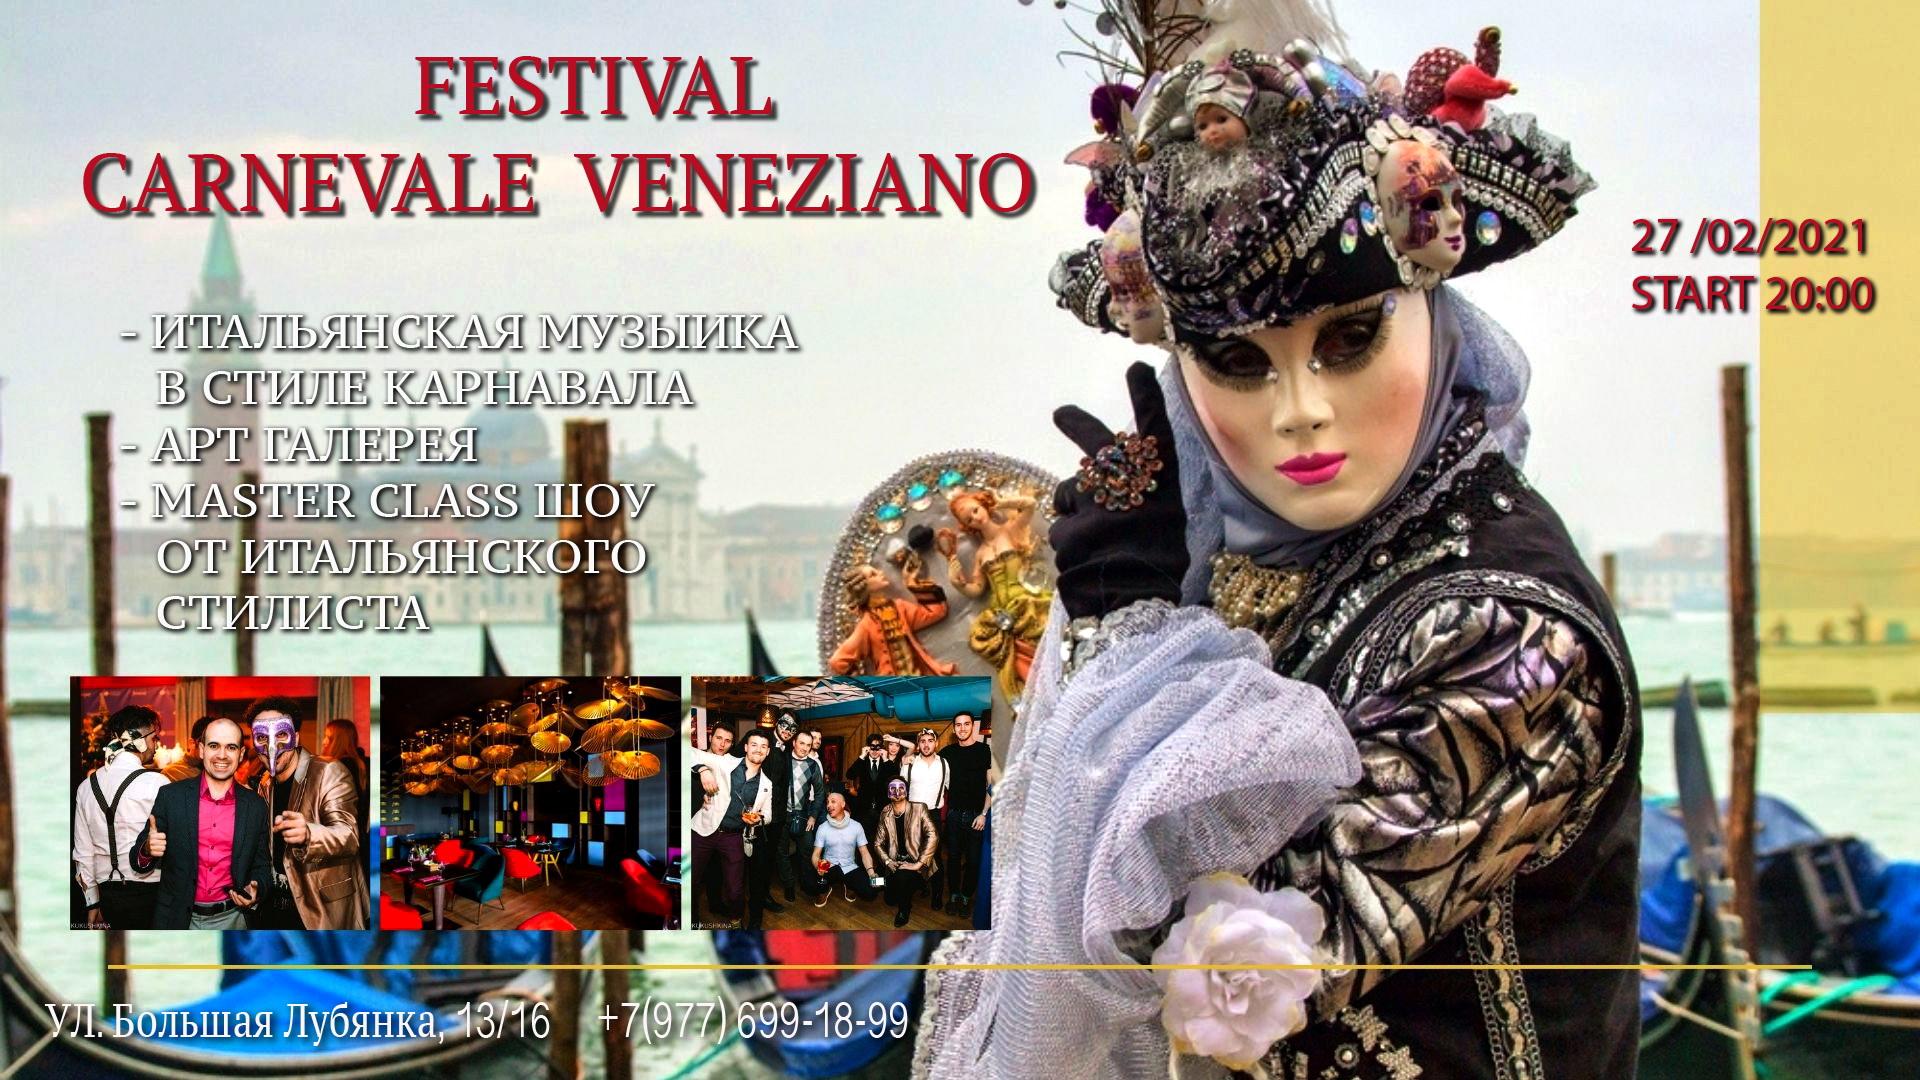 «Festival Carnevale Veneziano» 27 февраля